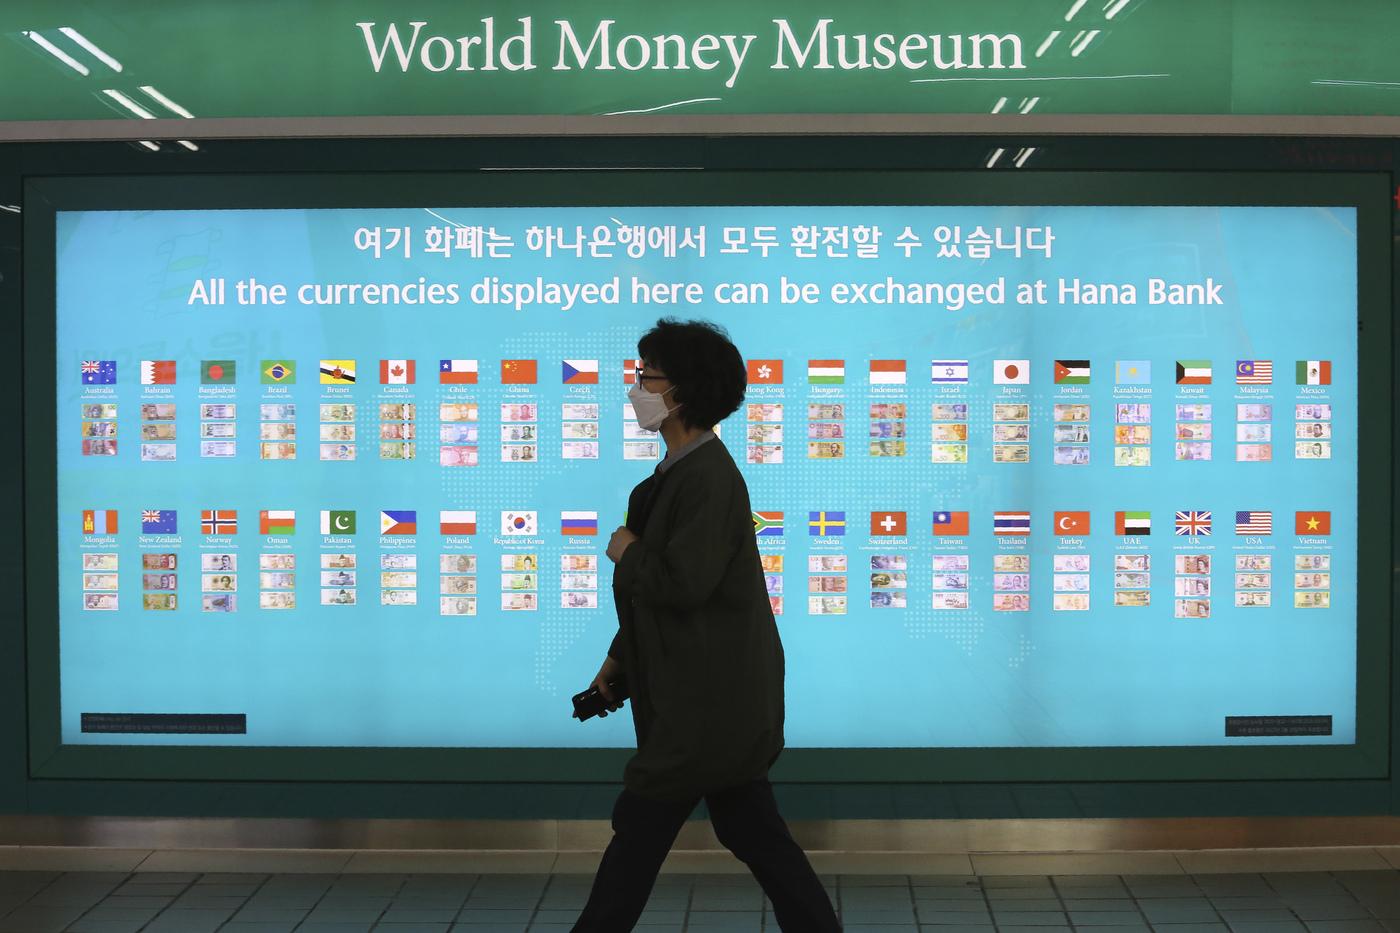 Cosa implica il crollo delle valute nei Paesi emergenti